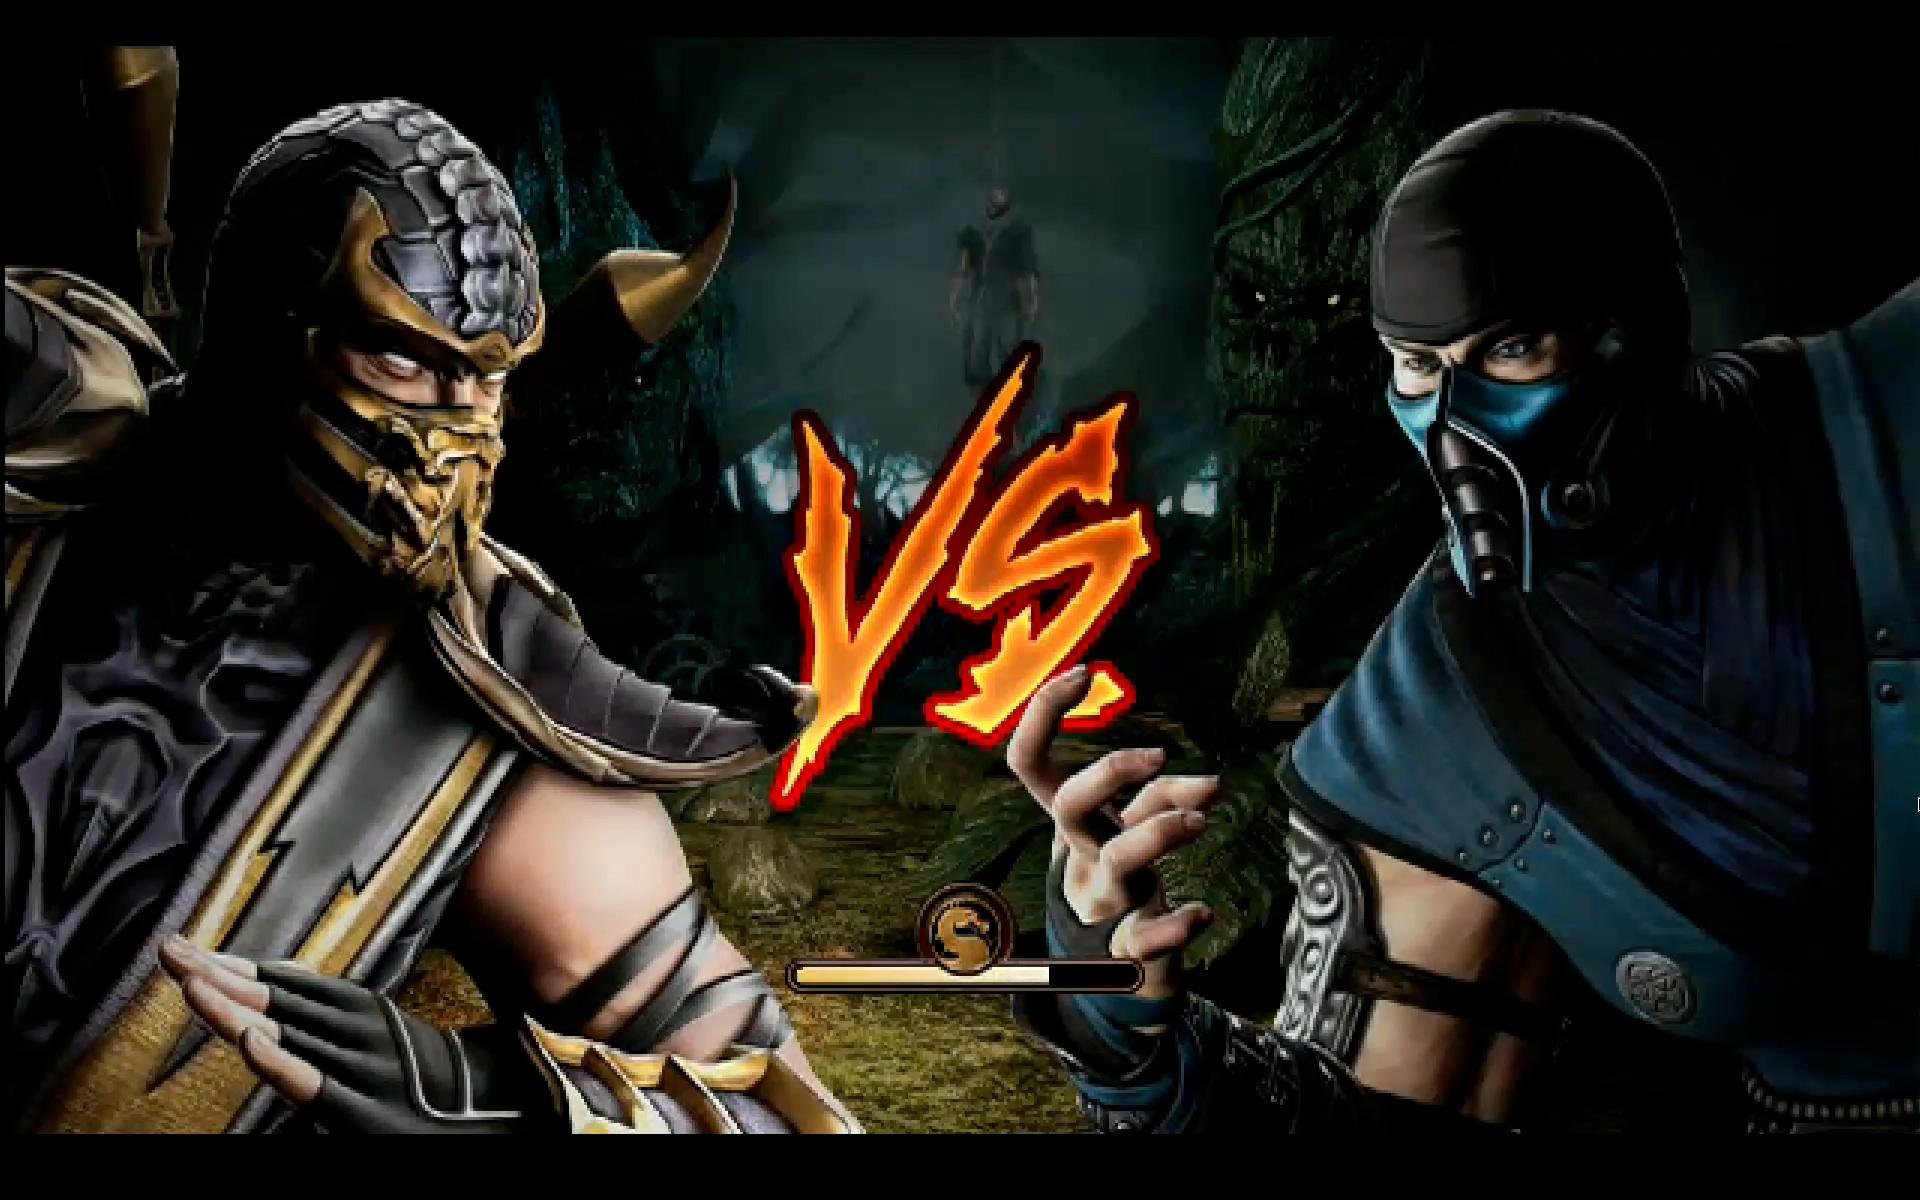 Nuevo trailer de Mortal Kombat calienta motores para PAX 2010 [Trailer]